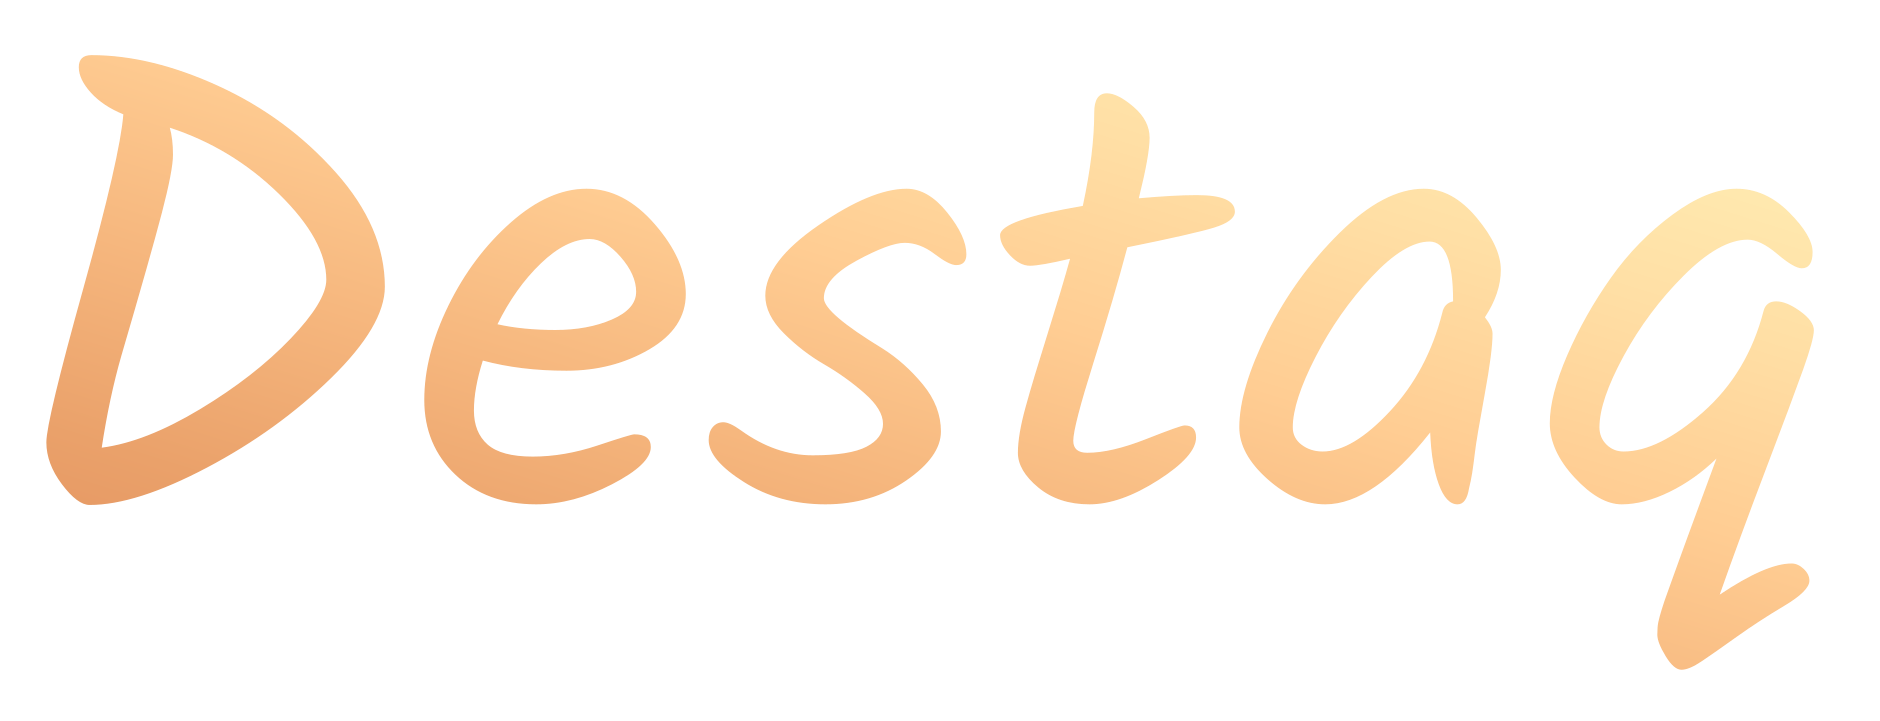 Destaq